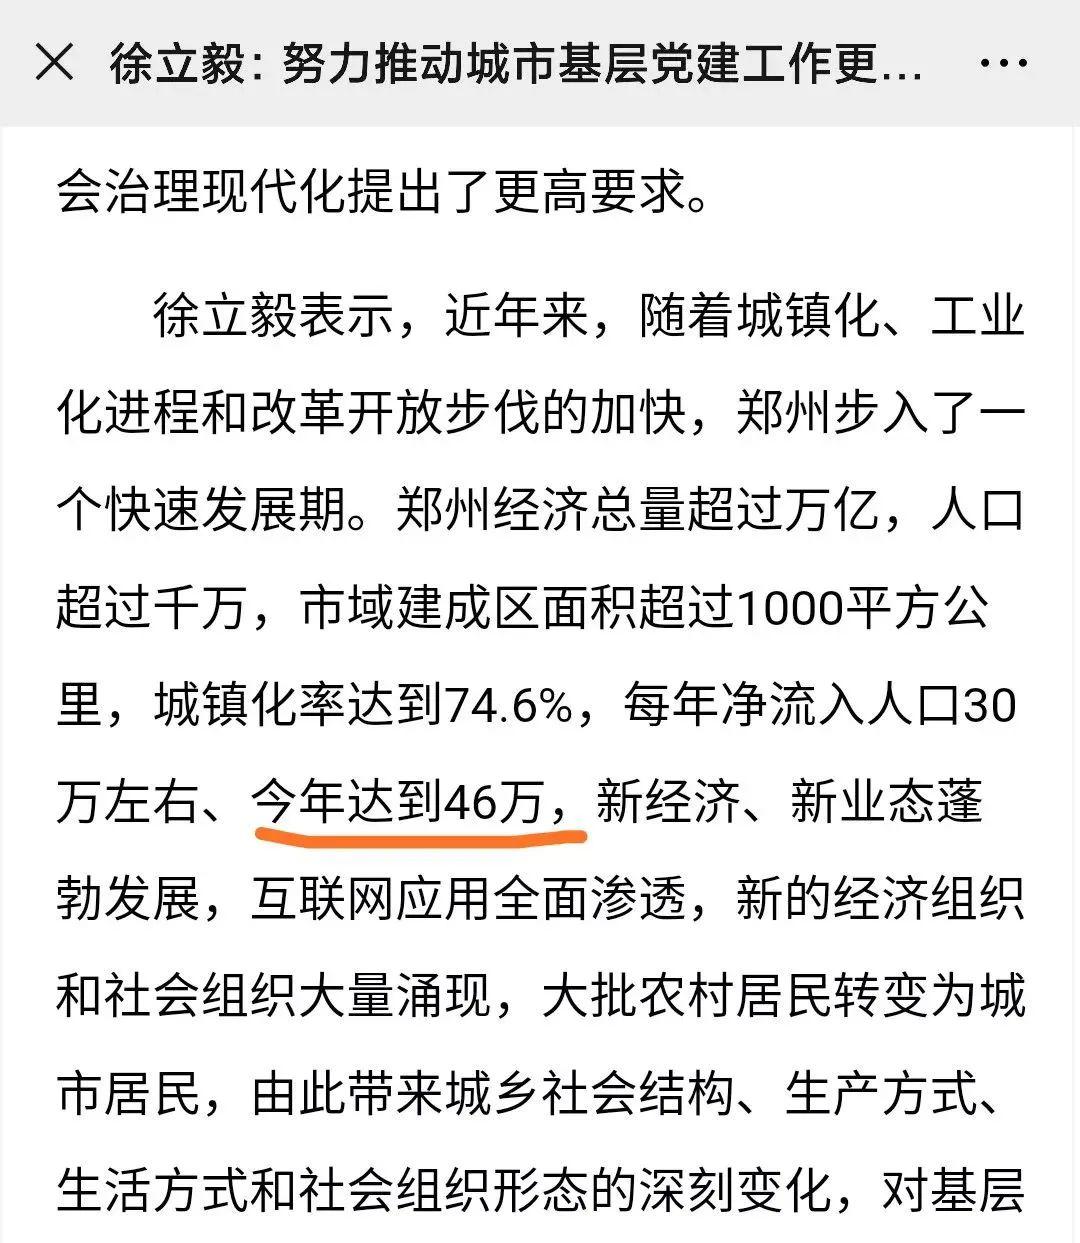 全国城市人口_郑州人口流入全国前列!开盘去化均超9成!城市复苏步伐加快!